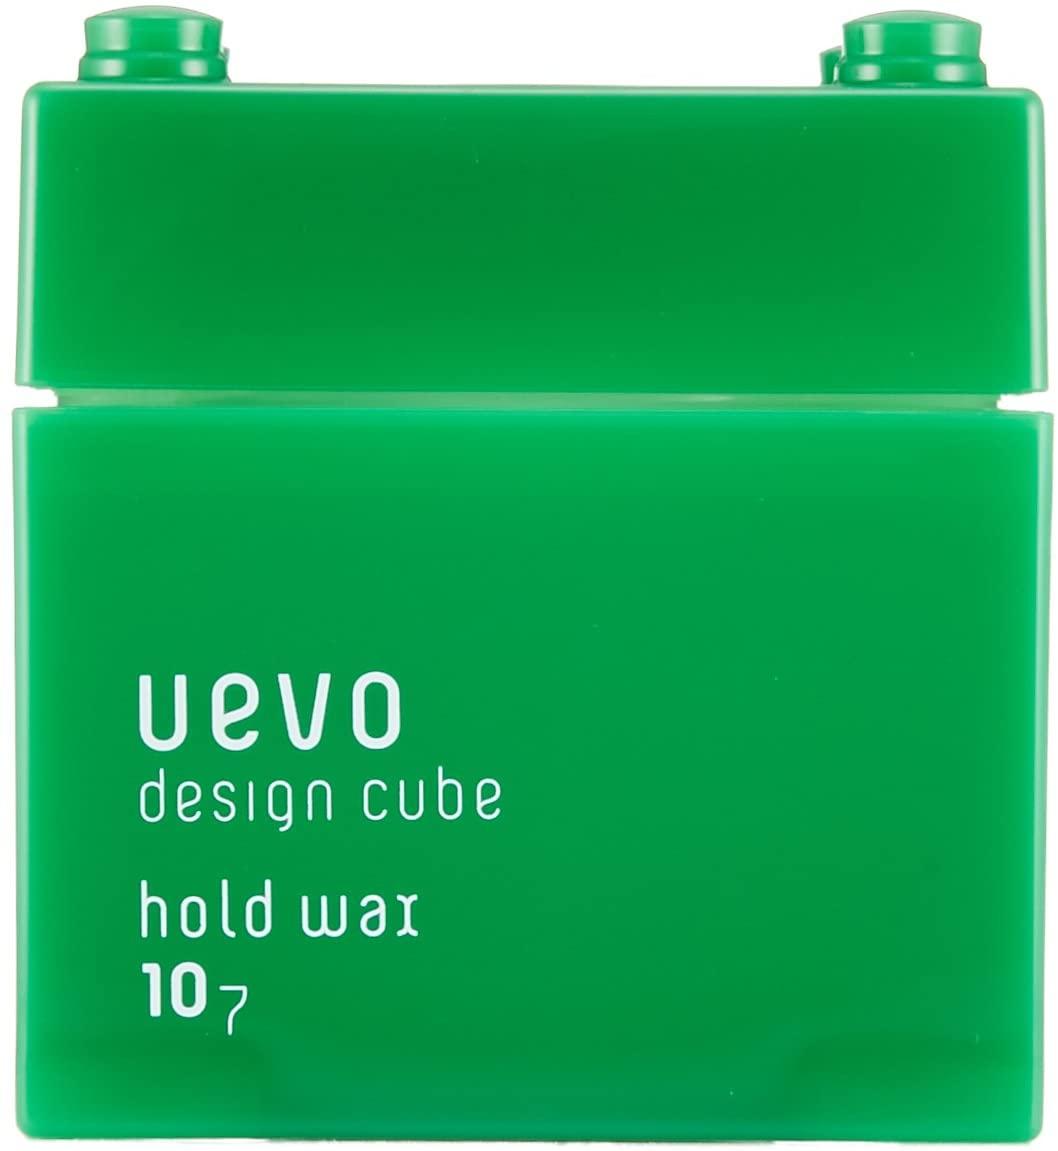 uevo(ウェーボ) デザインキューブ ホールドワックスの商品画像